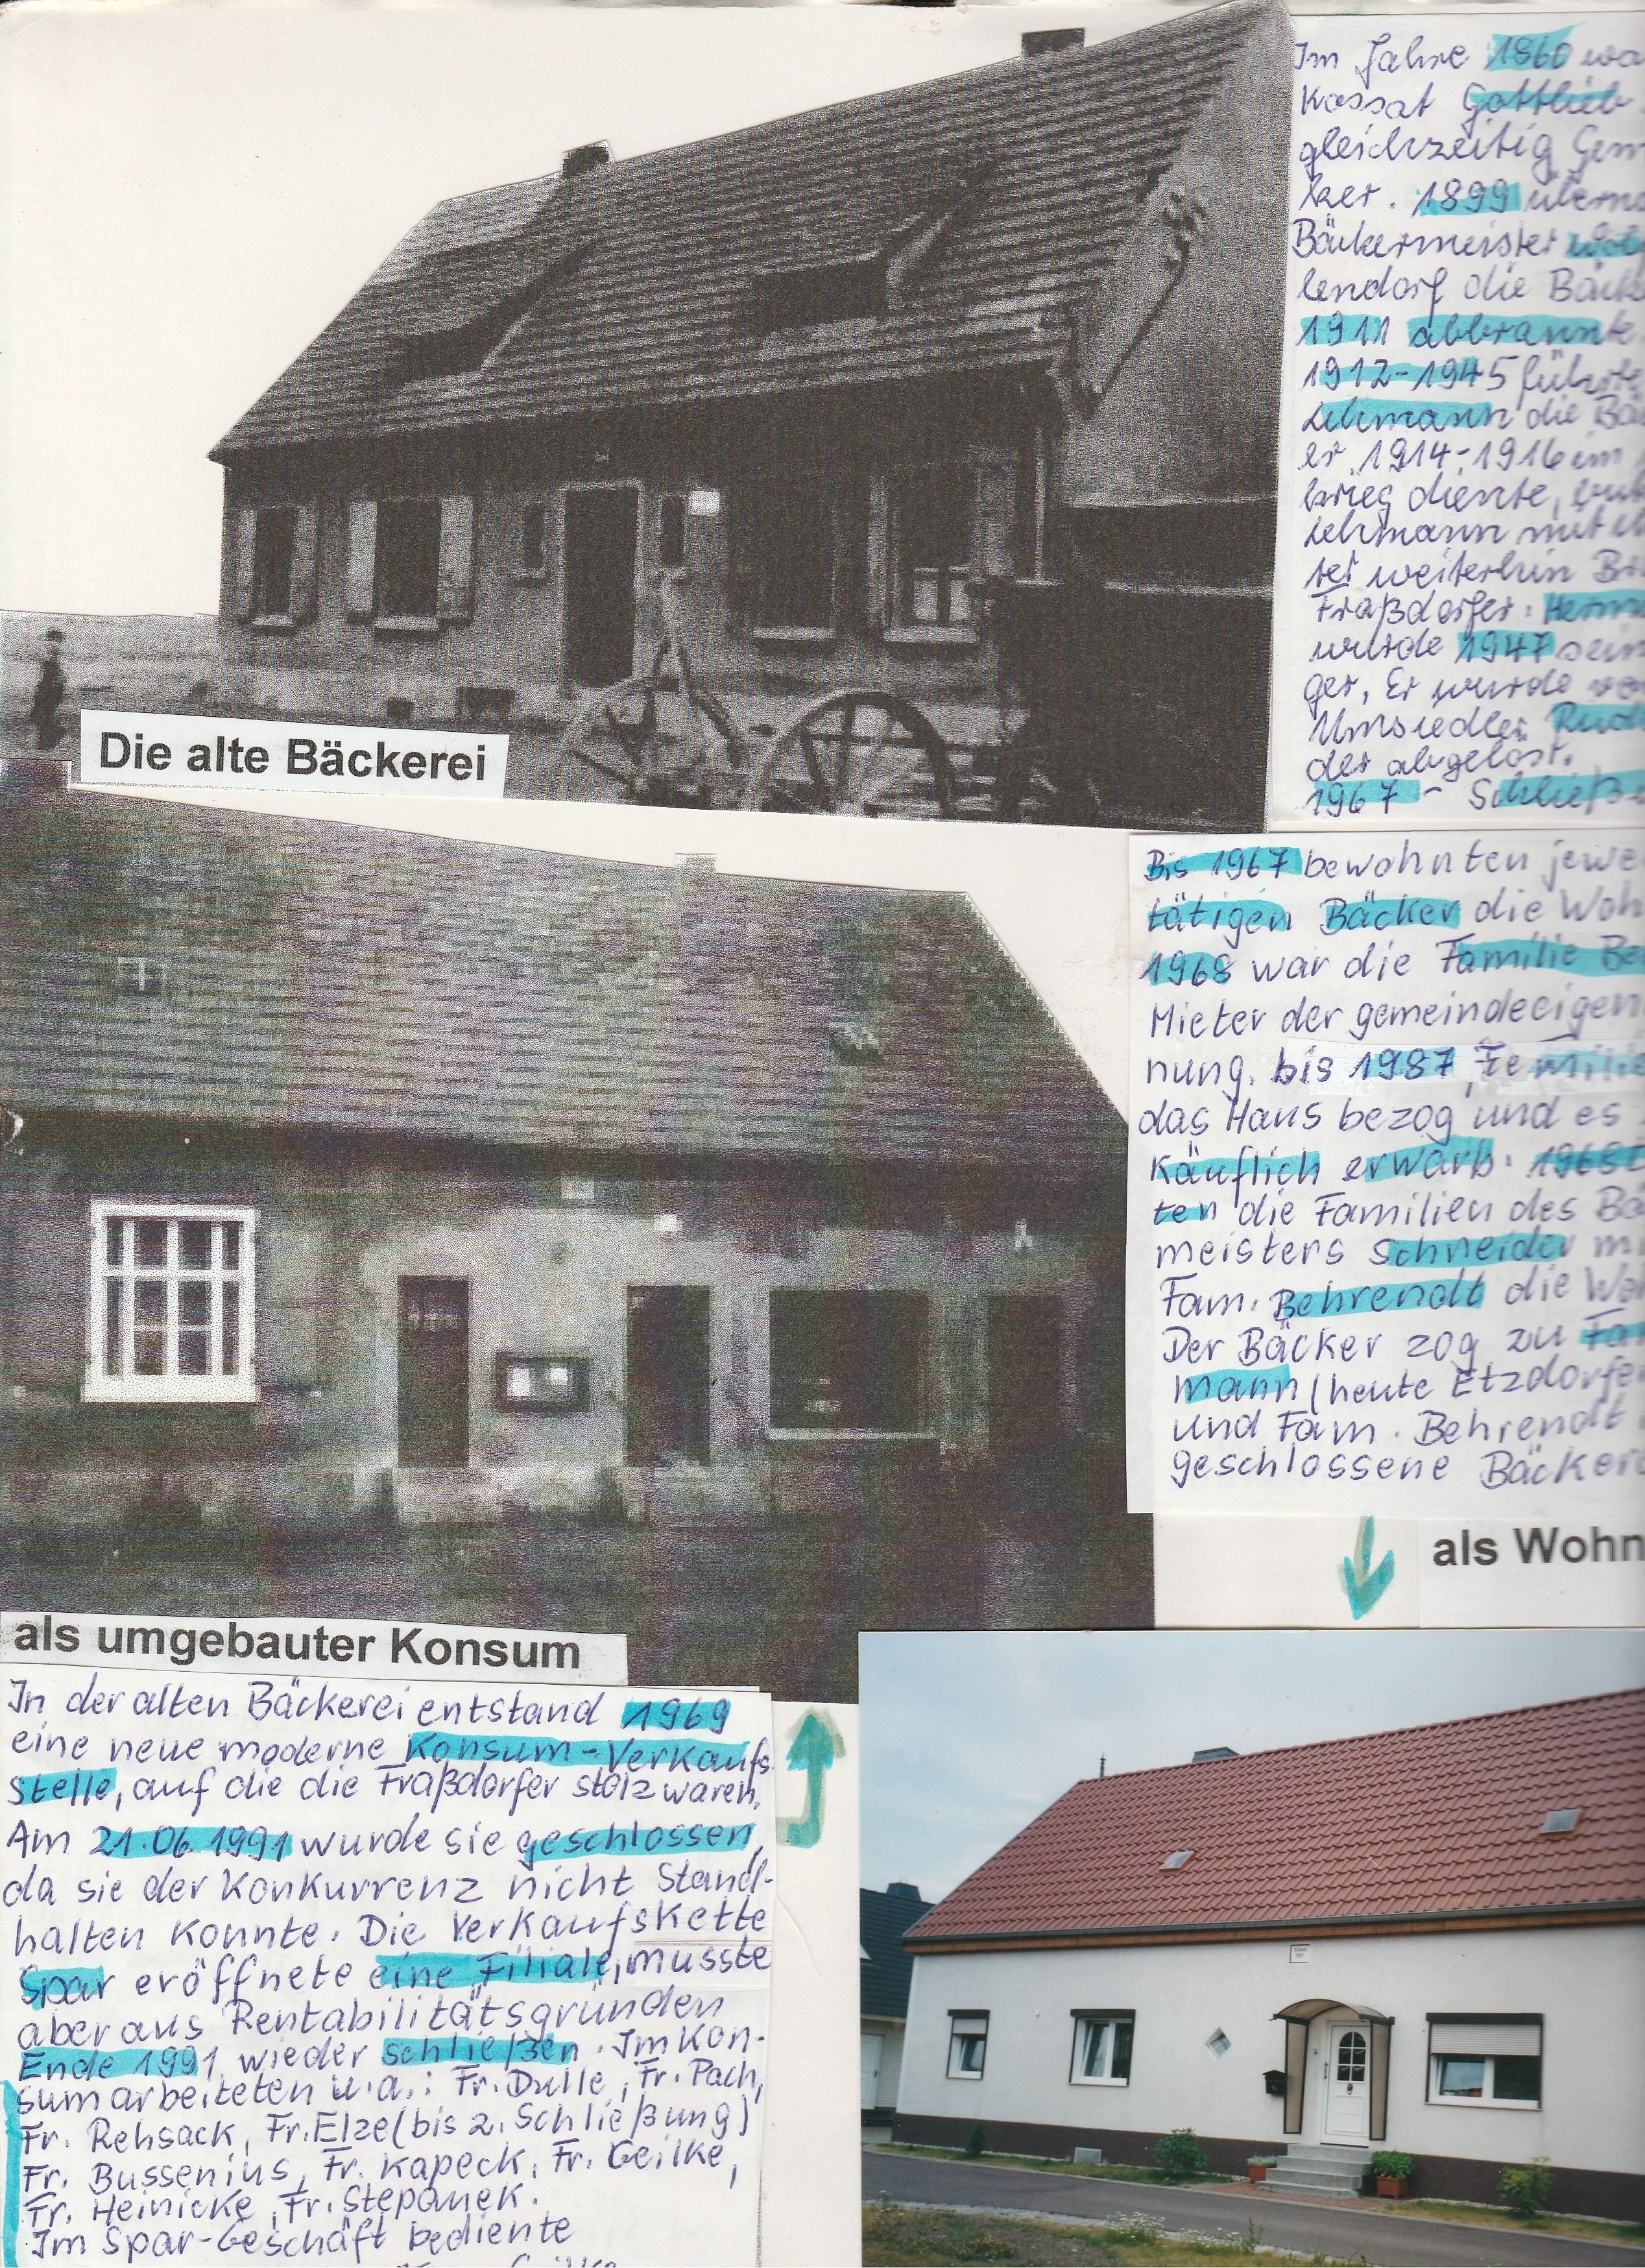 Ansichten der Bäckerei in Fraßdorf früher und heute